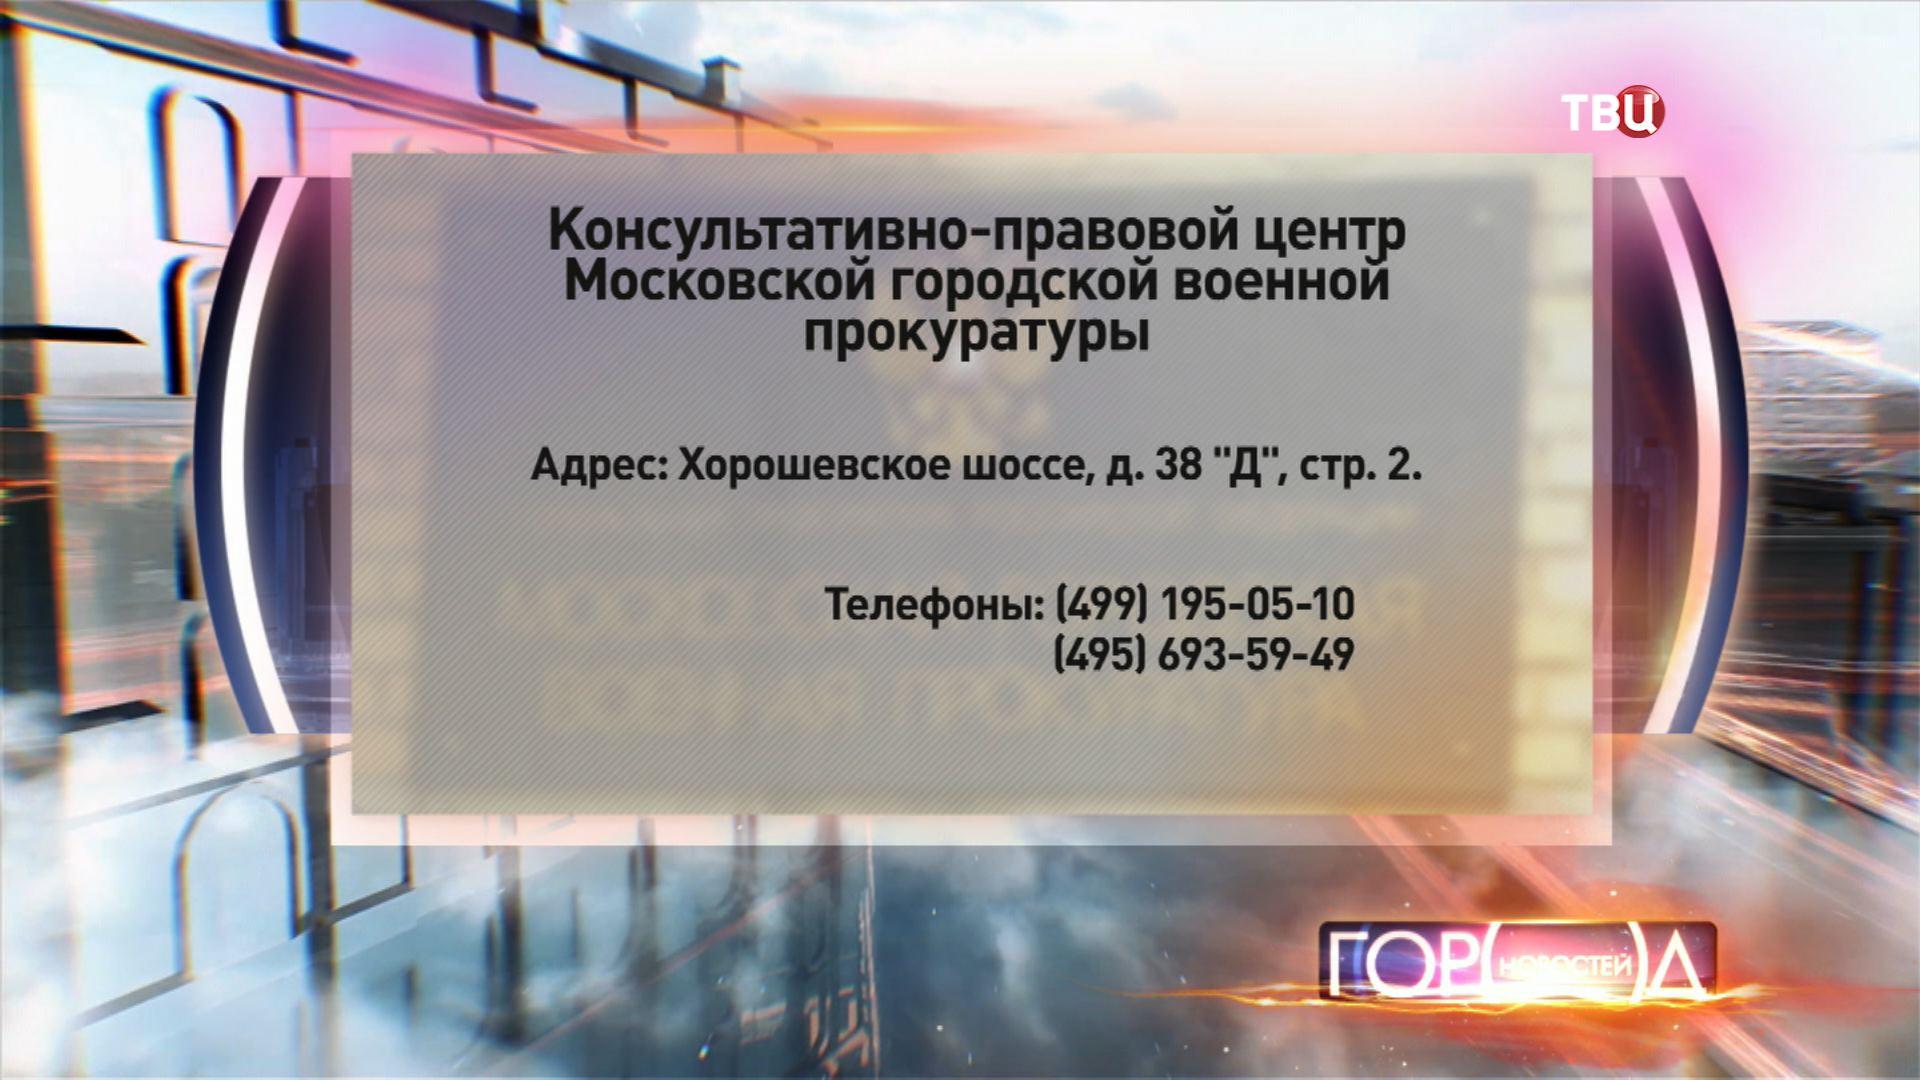 Консультативно-правовой центр Московской городской военной прокуратуры